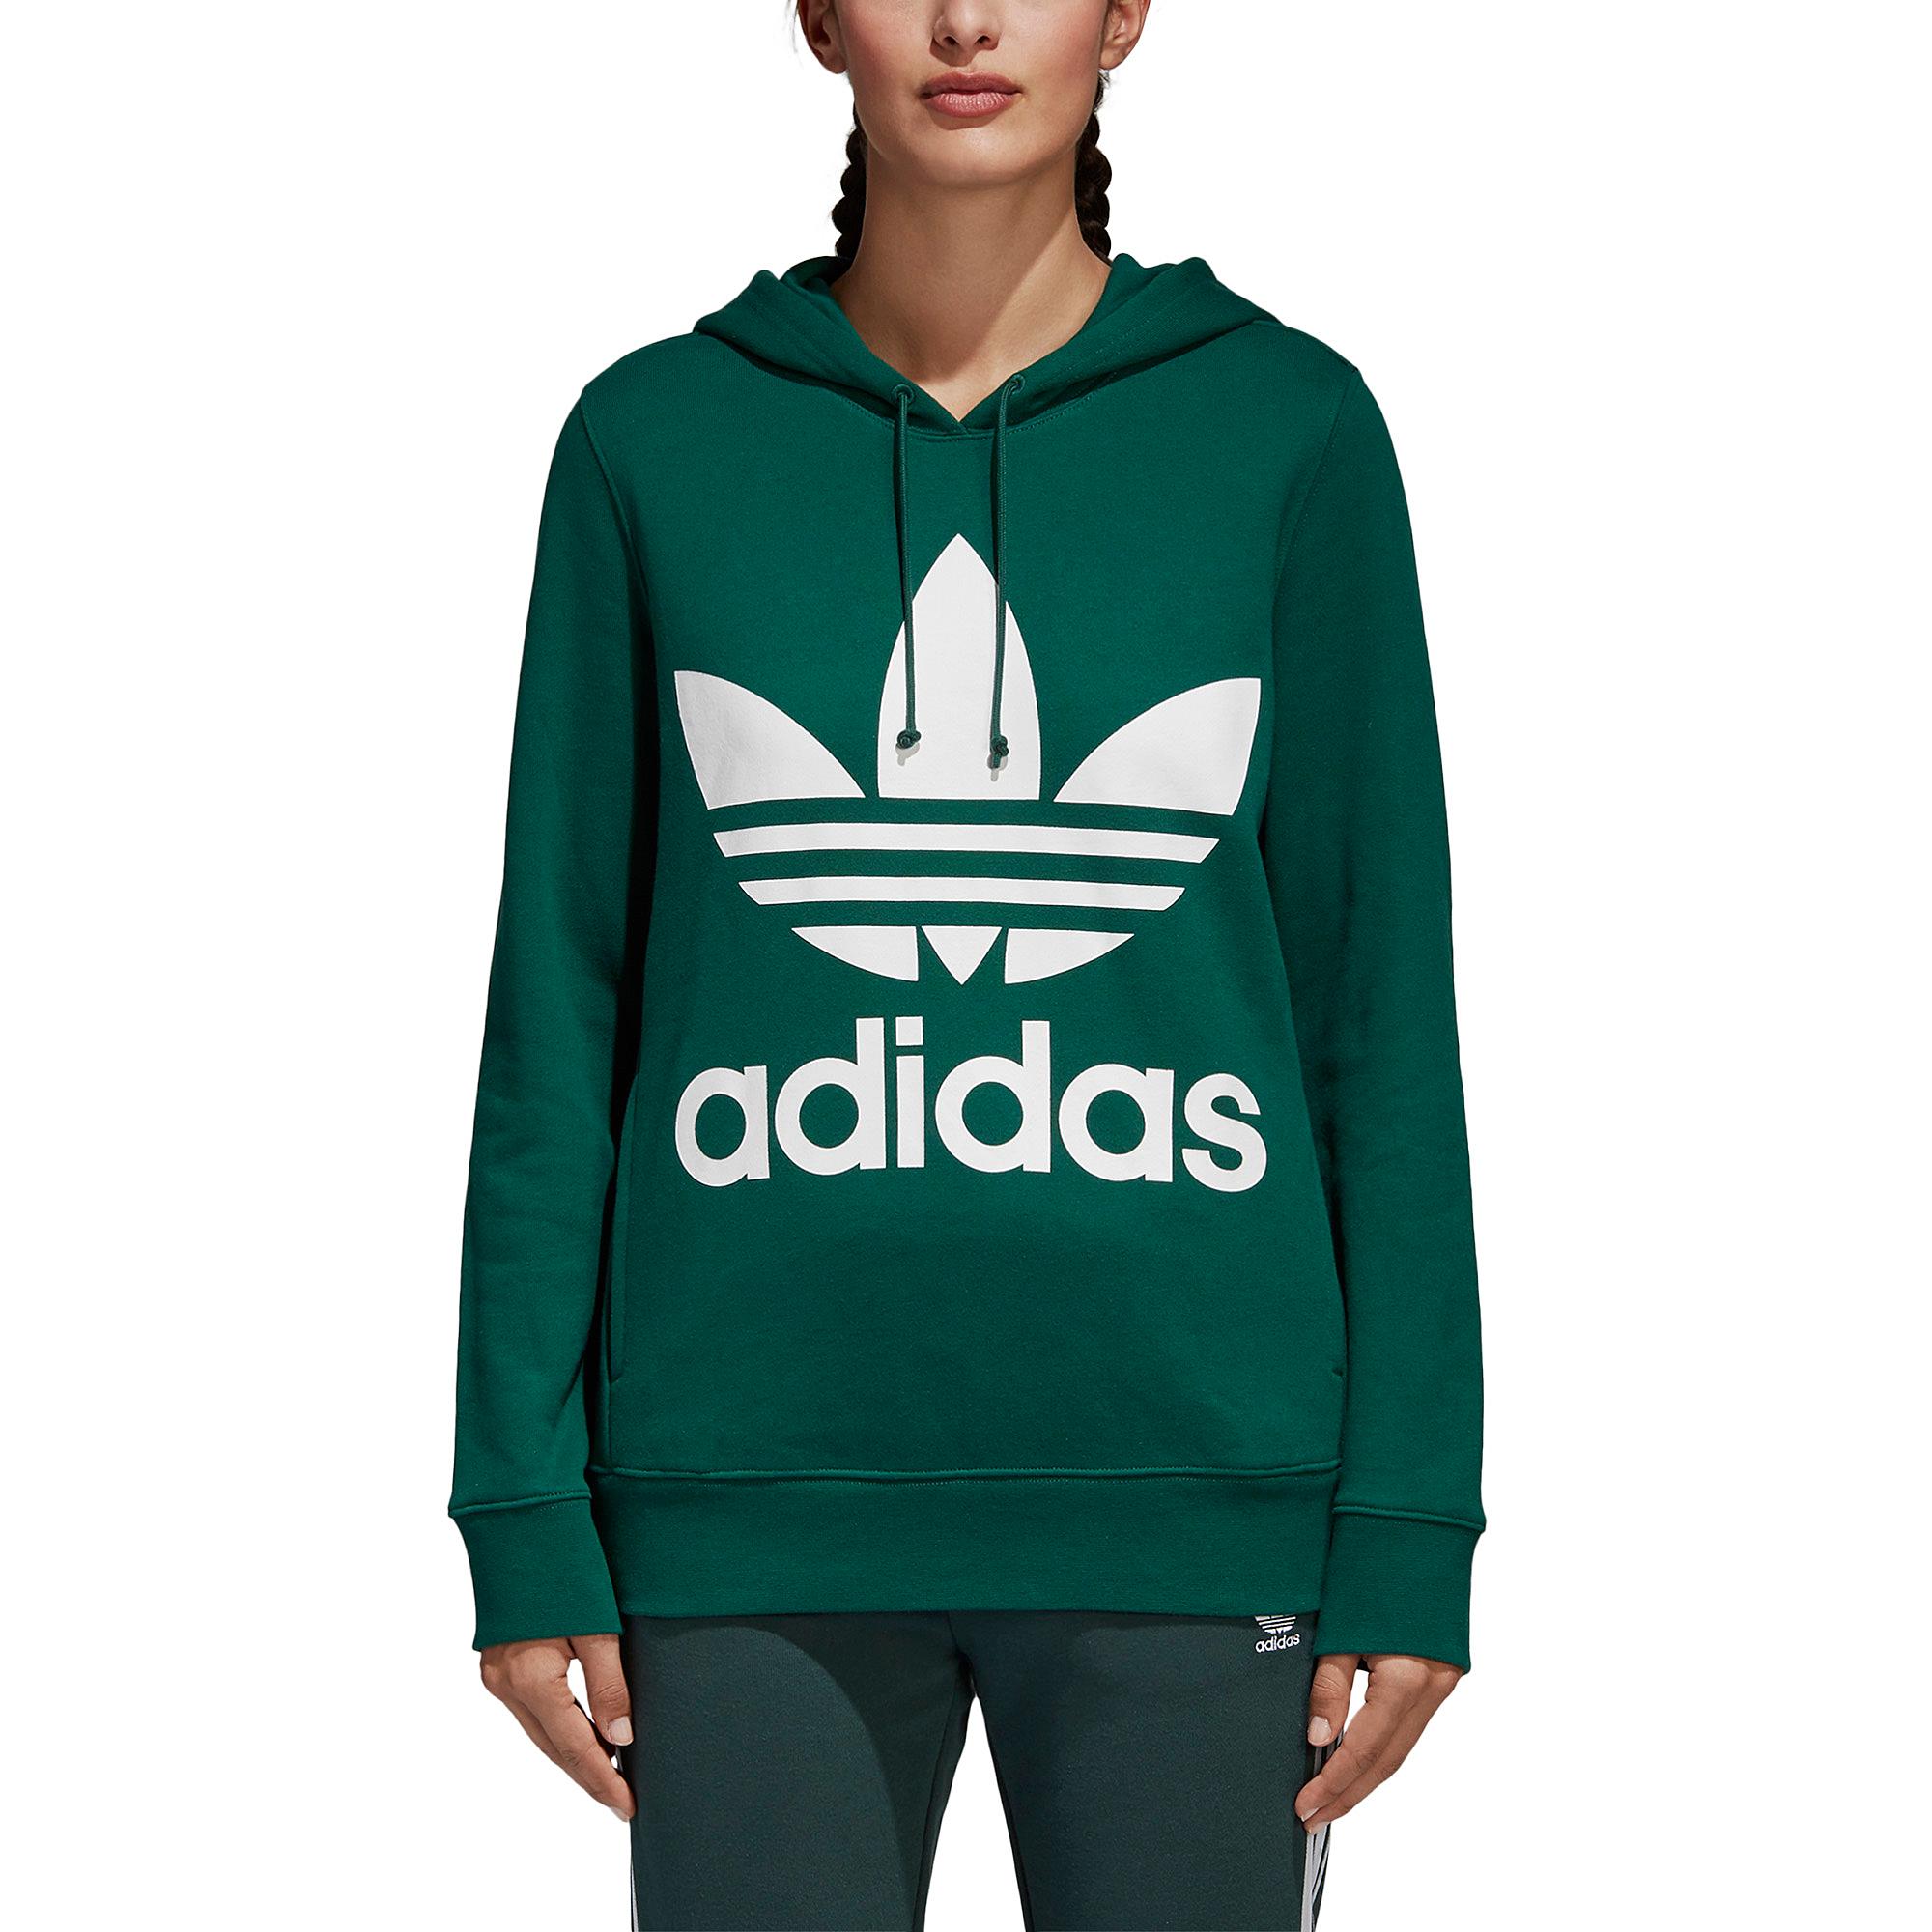 adidas Originals Adicolor Trefoil Hoodie - Women\u0027s